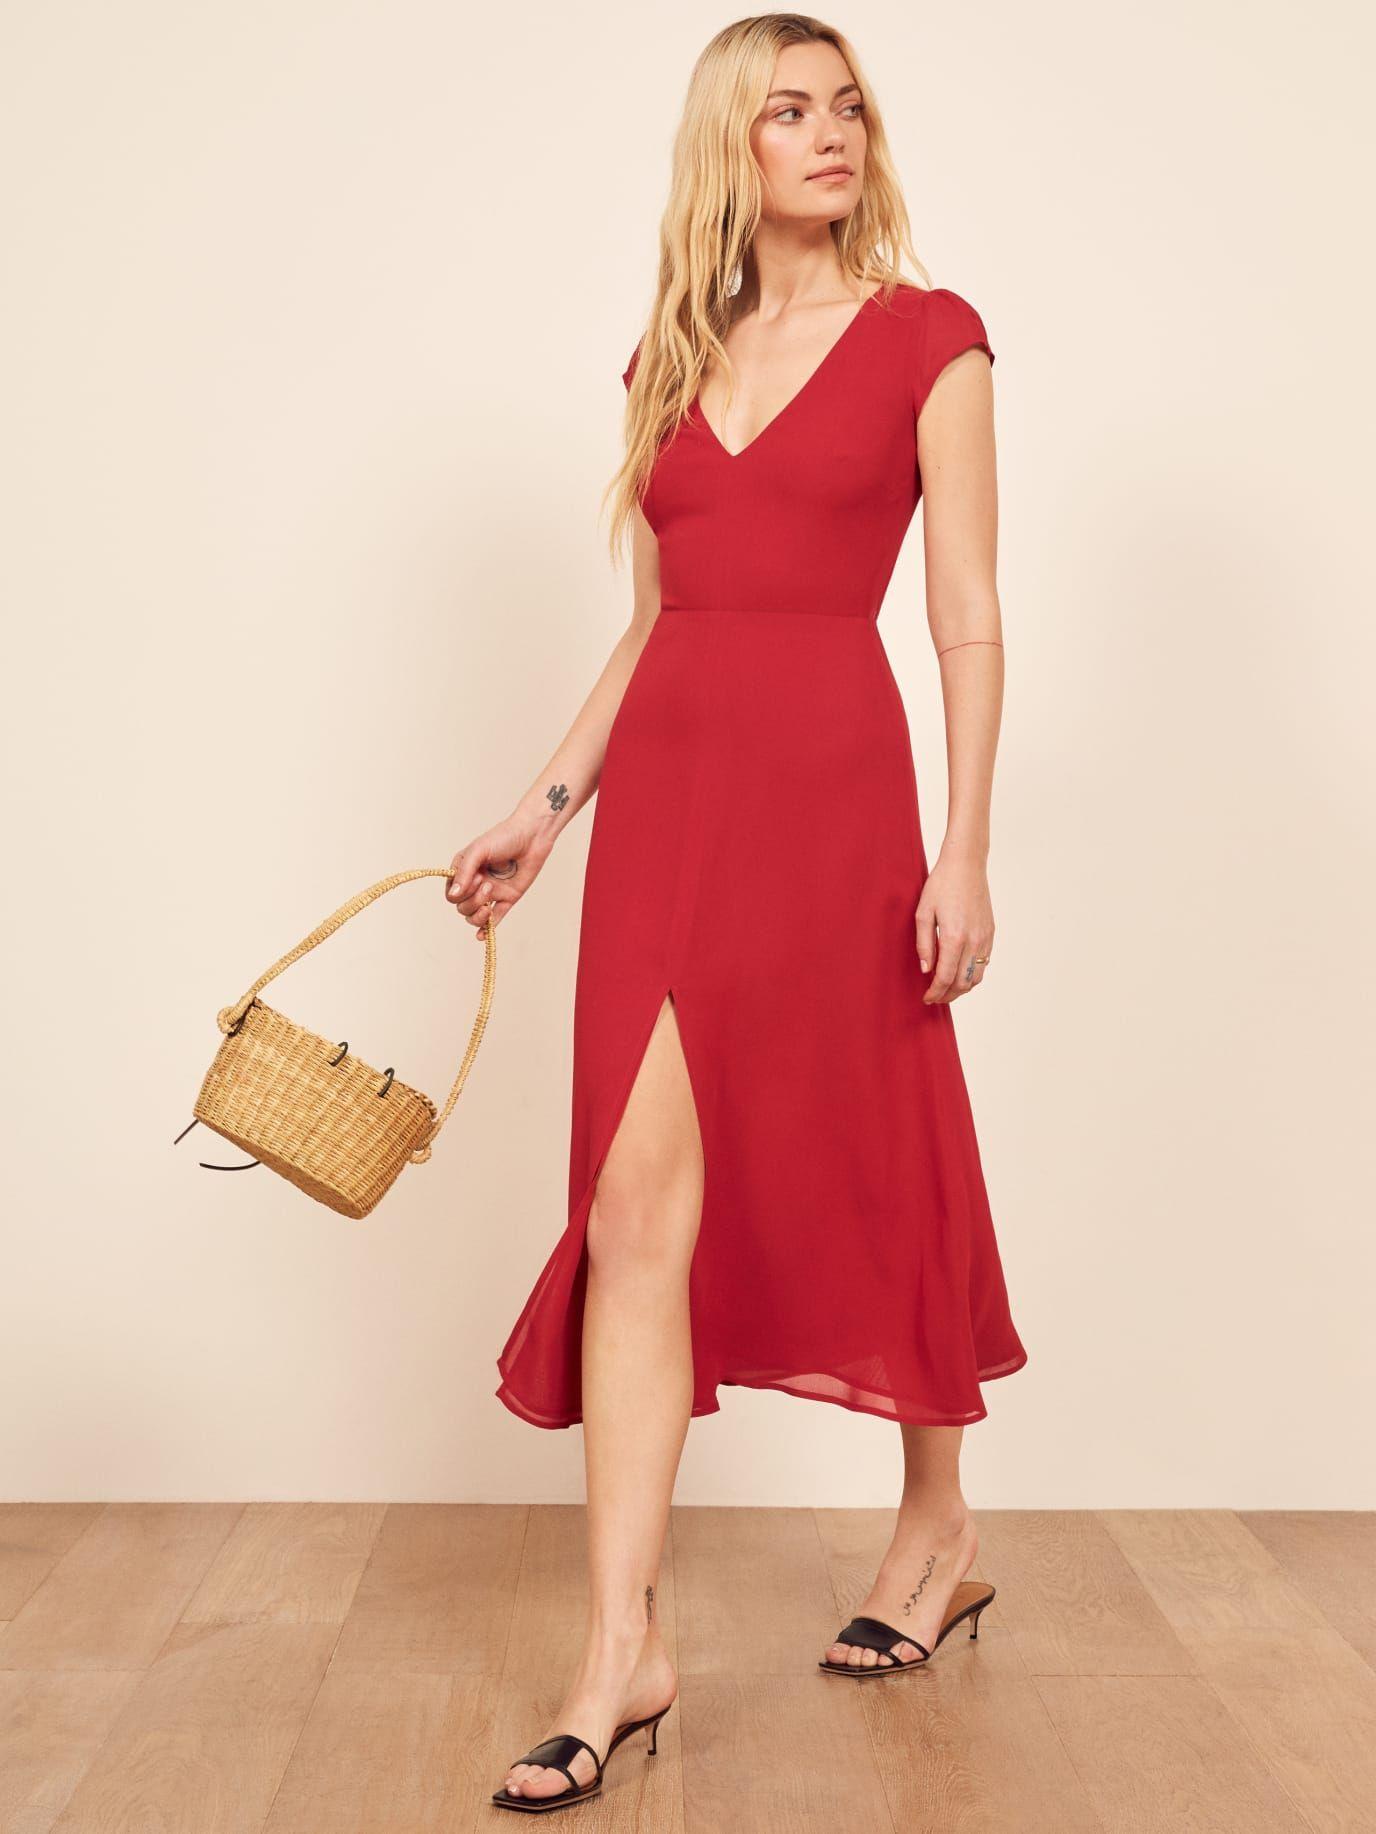 43fe0d8e42fb Reformation Wellfleet Dress in 2019 | Dresses | Dresses, Backless ...